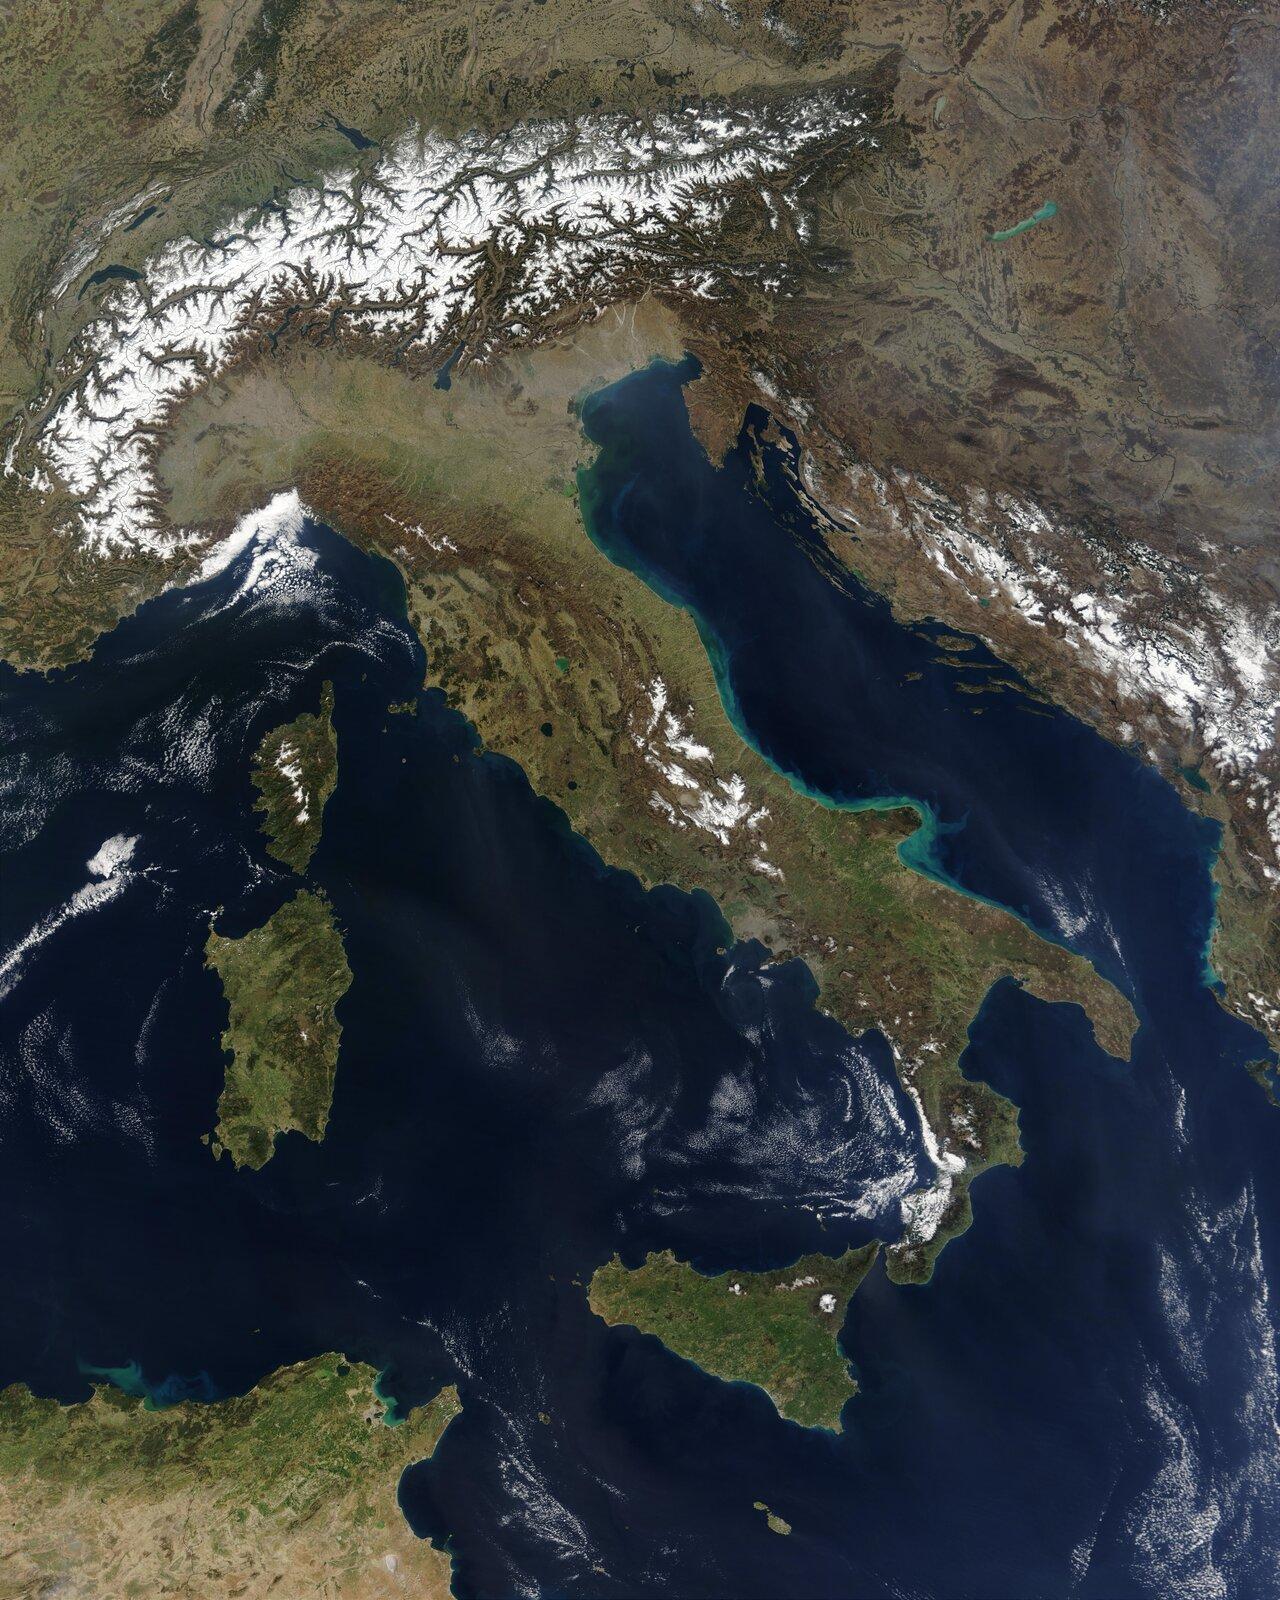 Fotografia nieznanego autora przedstawia zdjęcie satelitarne, na którym widoczny jest Półwysep Apeniński.